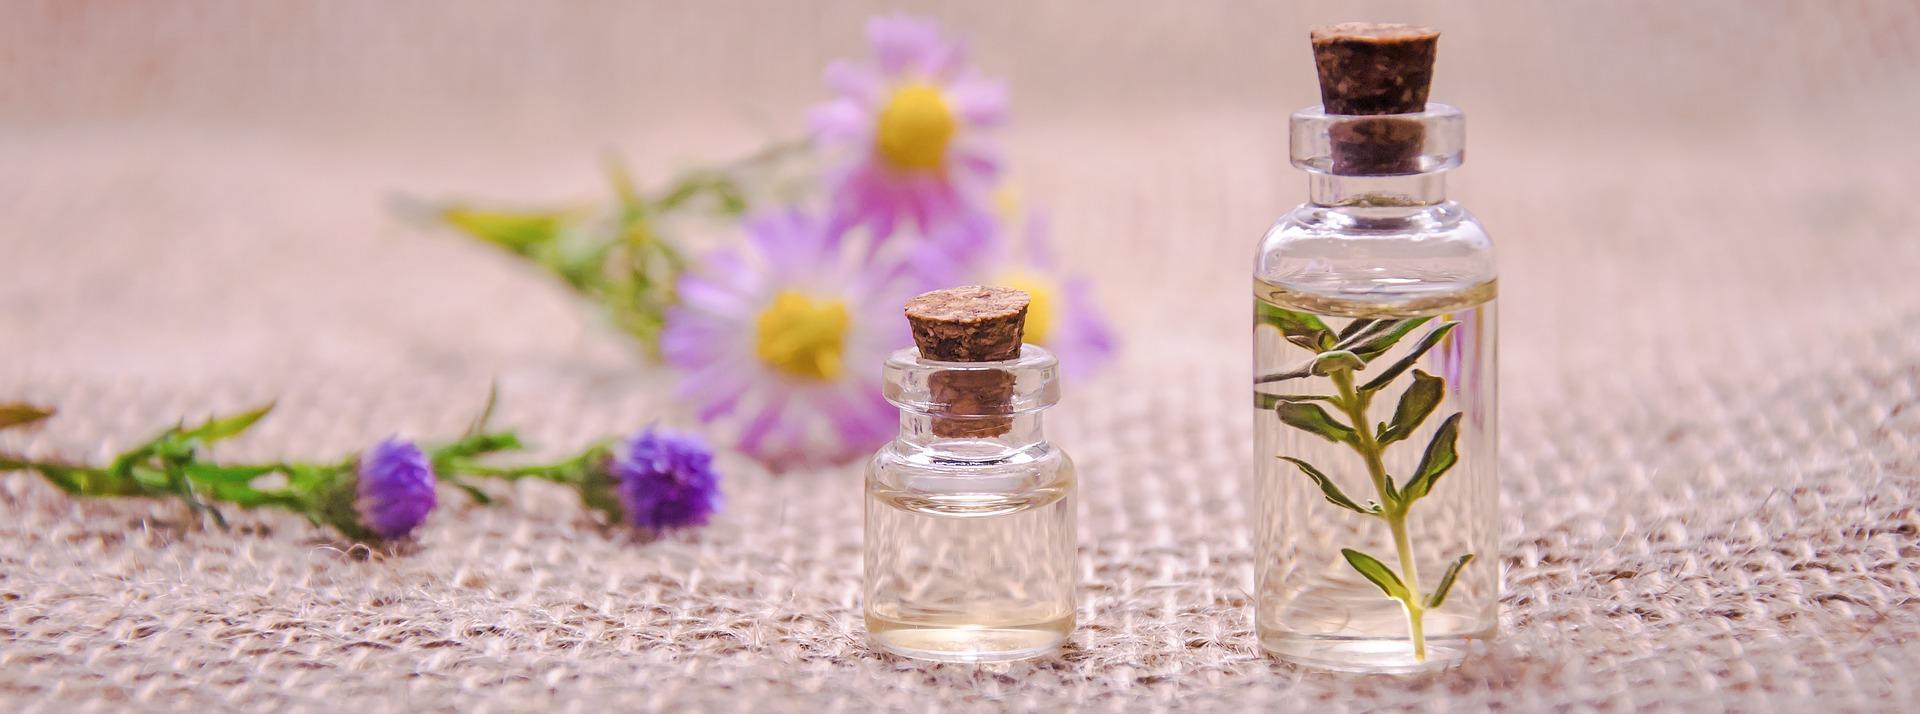 Ce sunt uleiurile esentiale terapeutice? Cum se obtin si cum se utilizeaza?